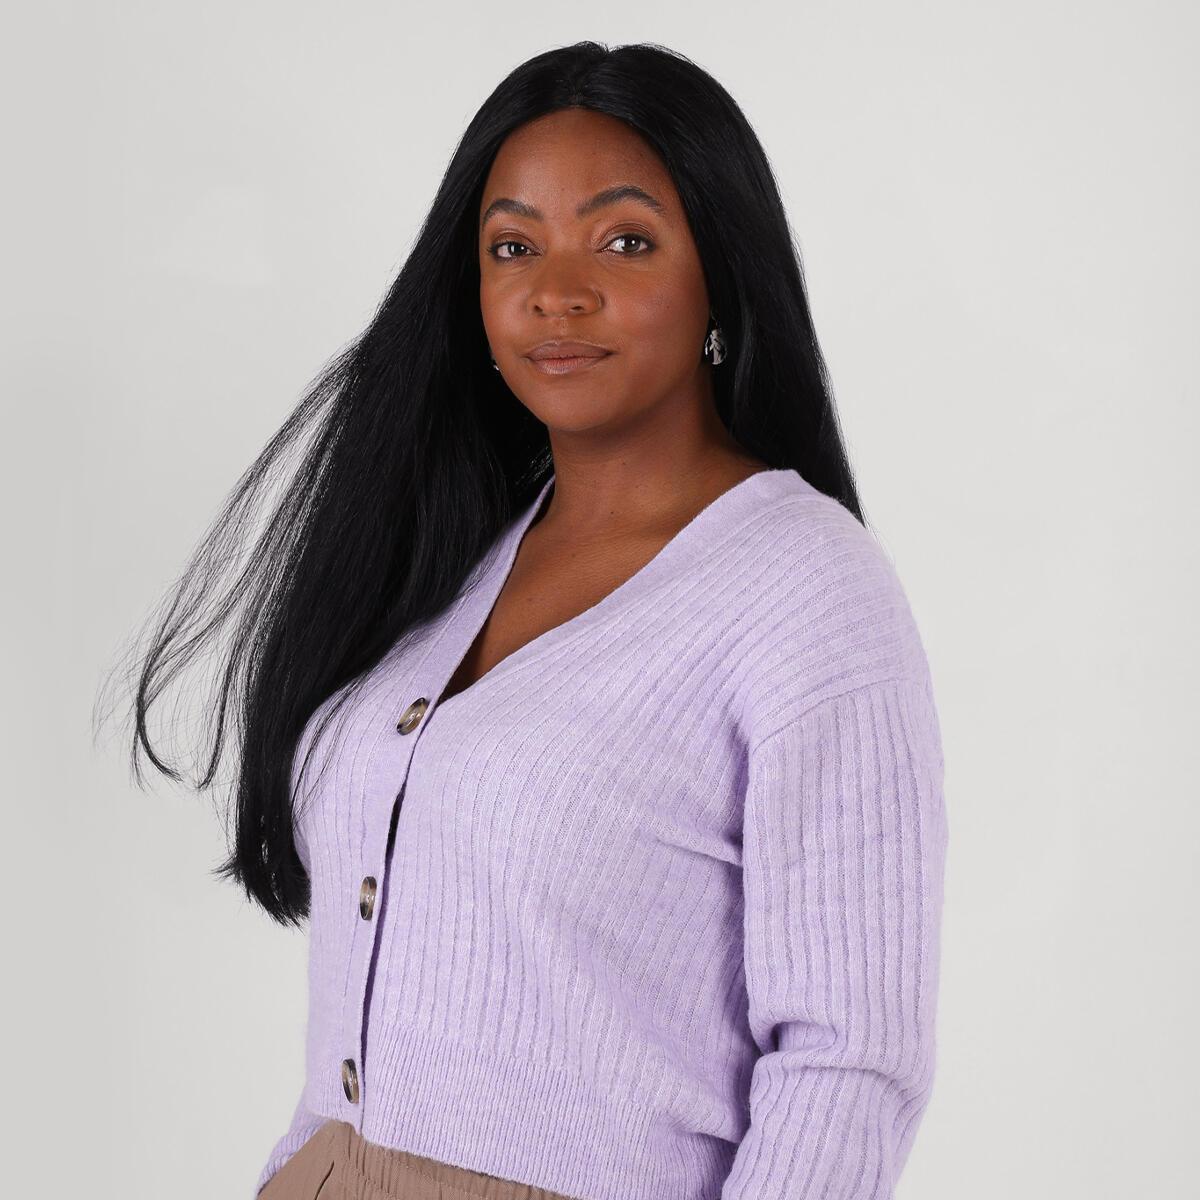 Lace Wig 1.0 Black 55 cm